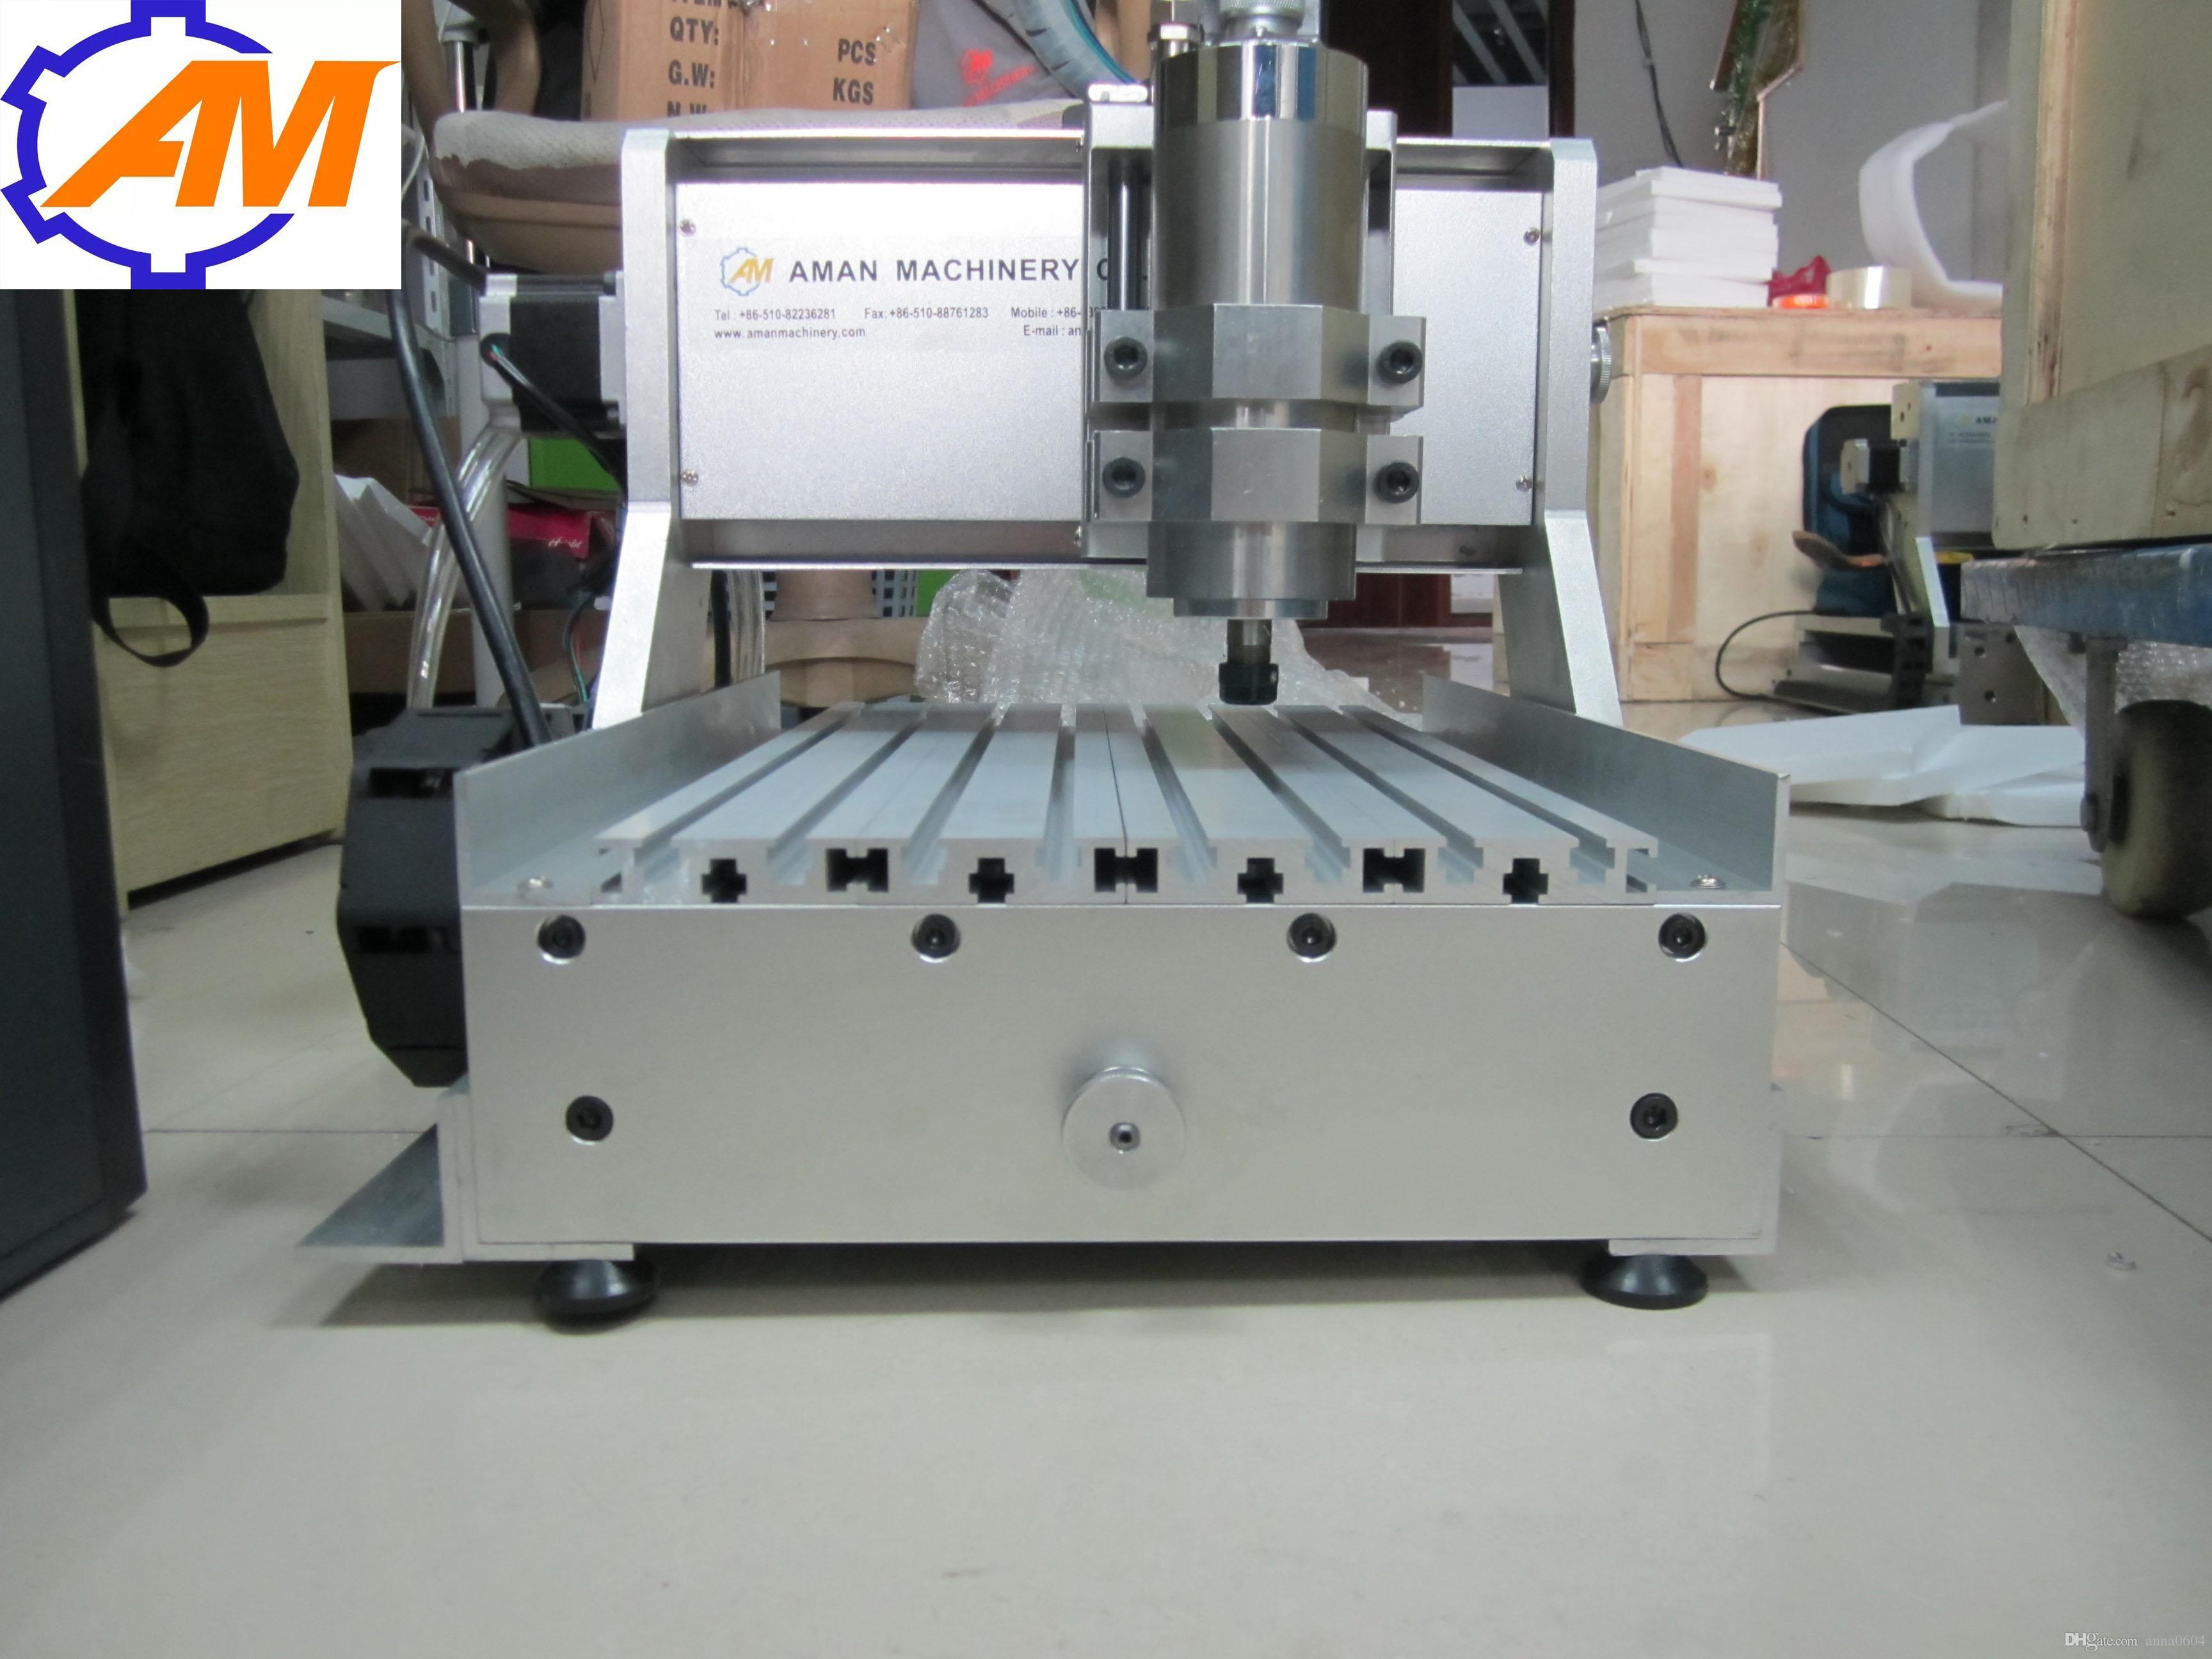 2019 China Cnc Wood Milling Machine Aman 3020 Metal Engraving